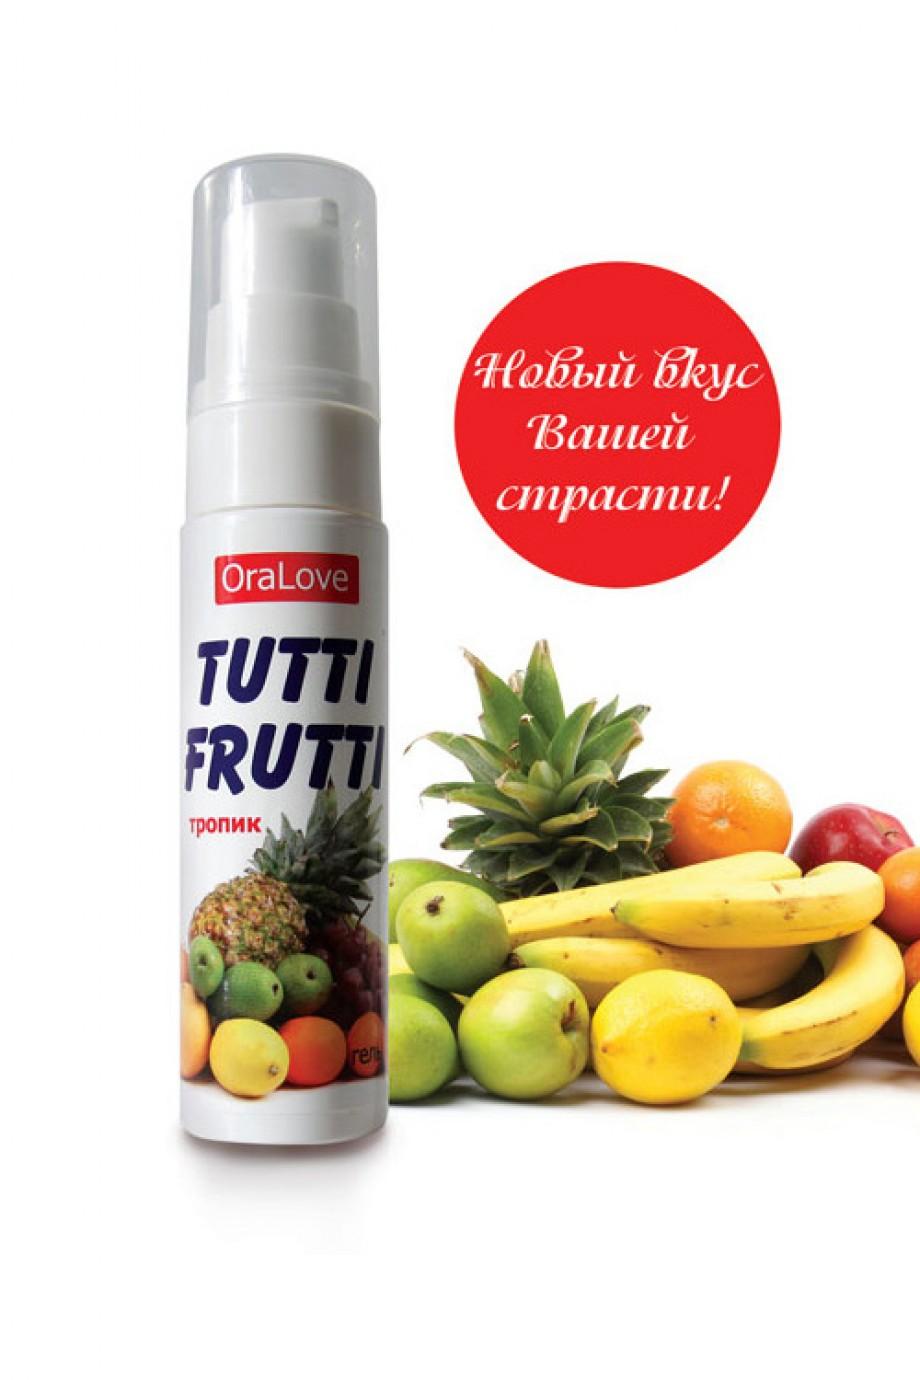 Съедобная гель-смазка TUTTI-FRUTTI для орального секса со вкусом экзотических фруктов, 30 г